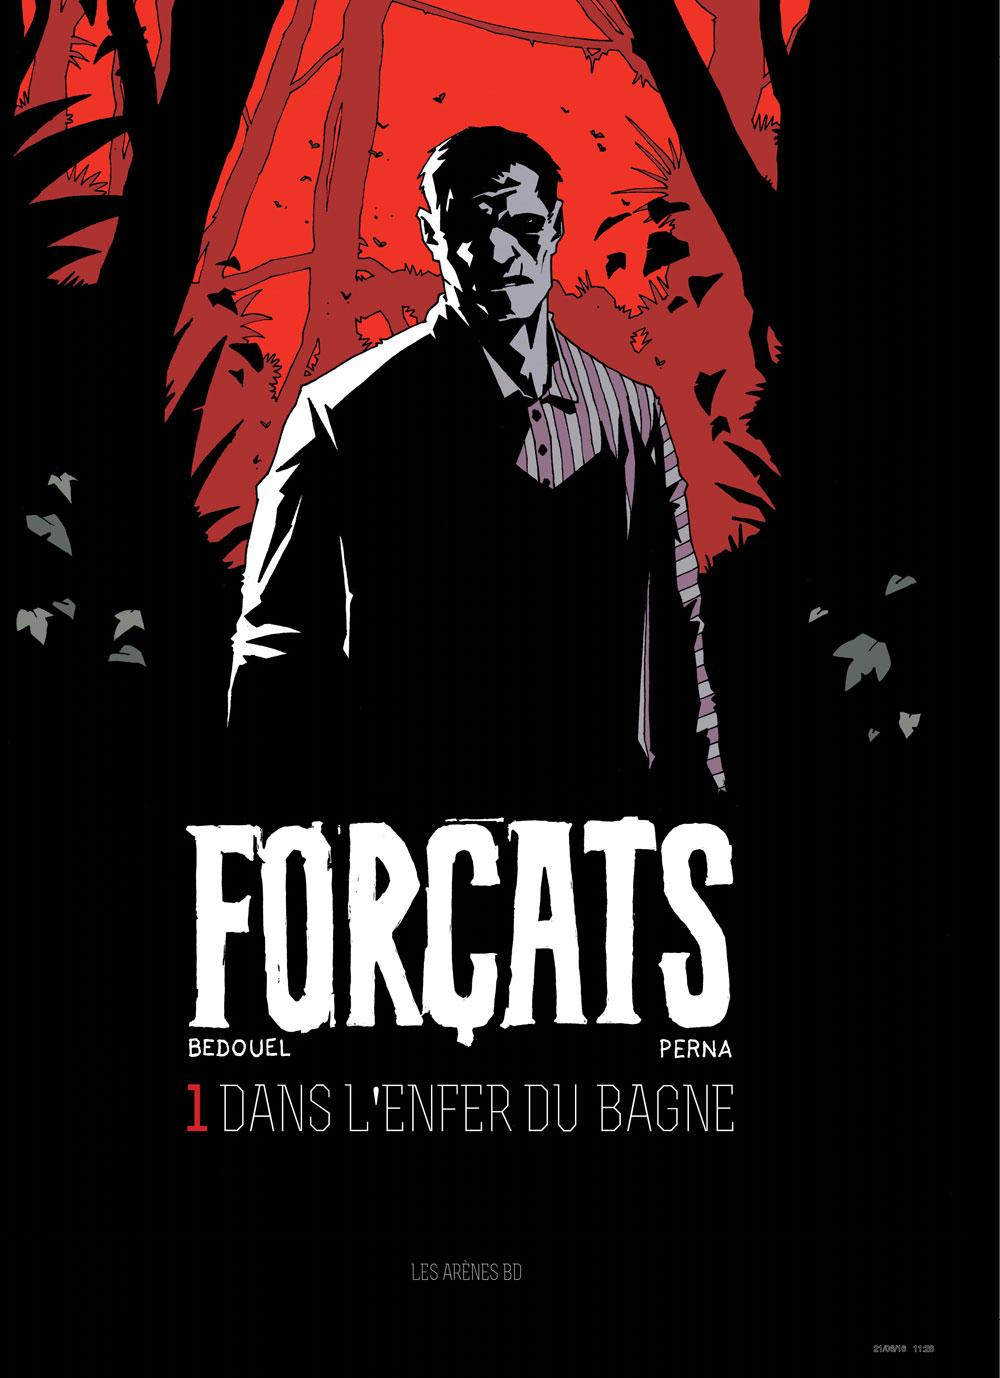 forcats-t-1-dans-lenfer-du-bagne-pat-perna-fabien-bedouel-florence-fantini-couverture